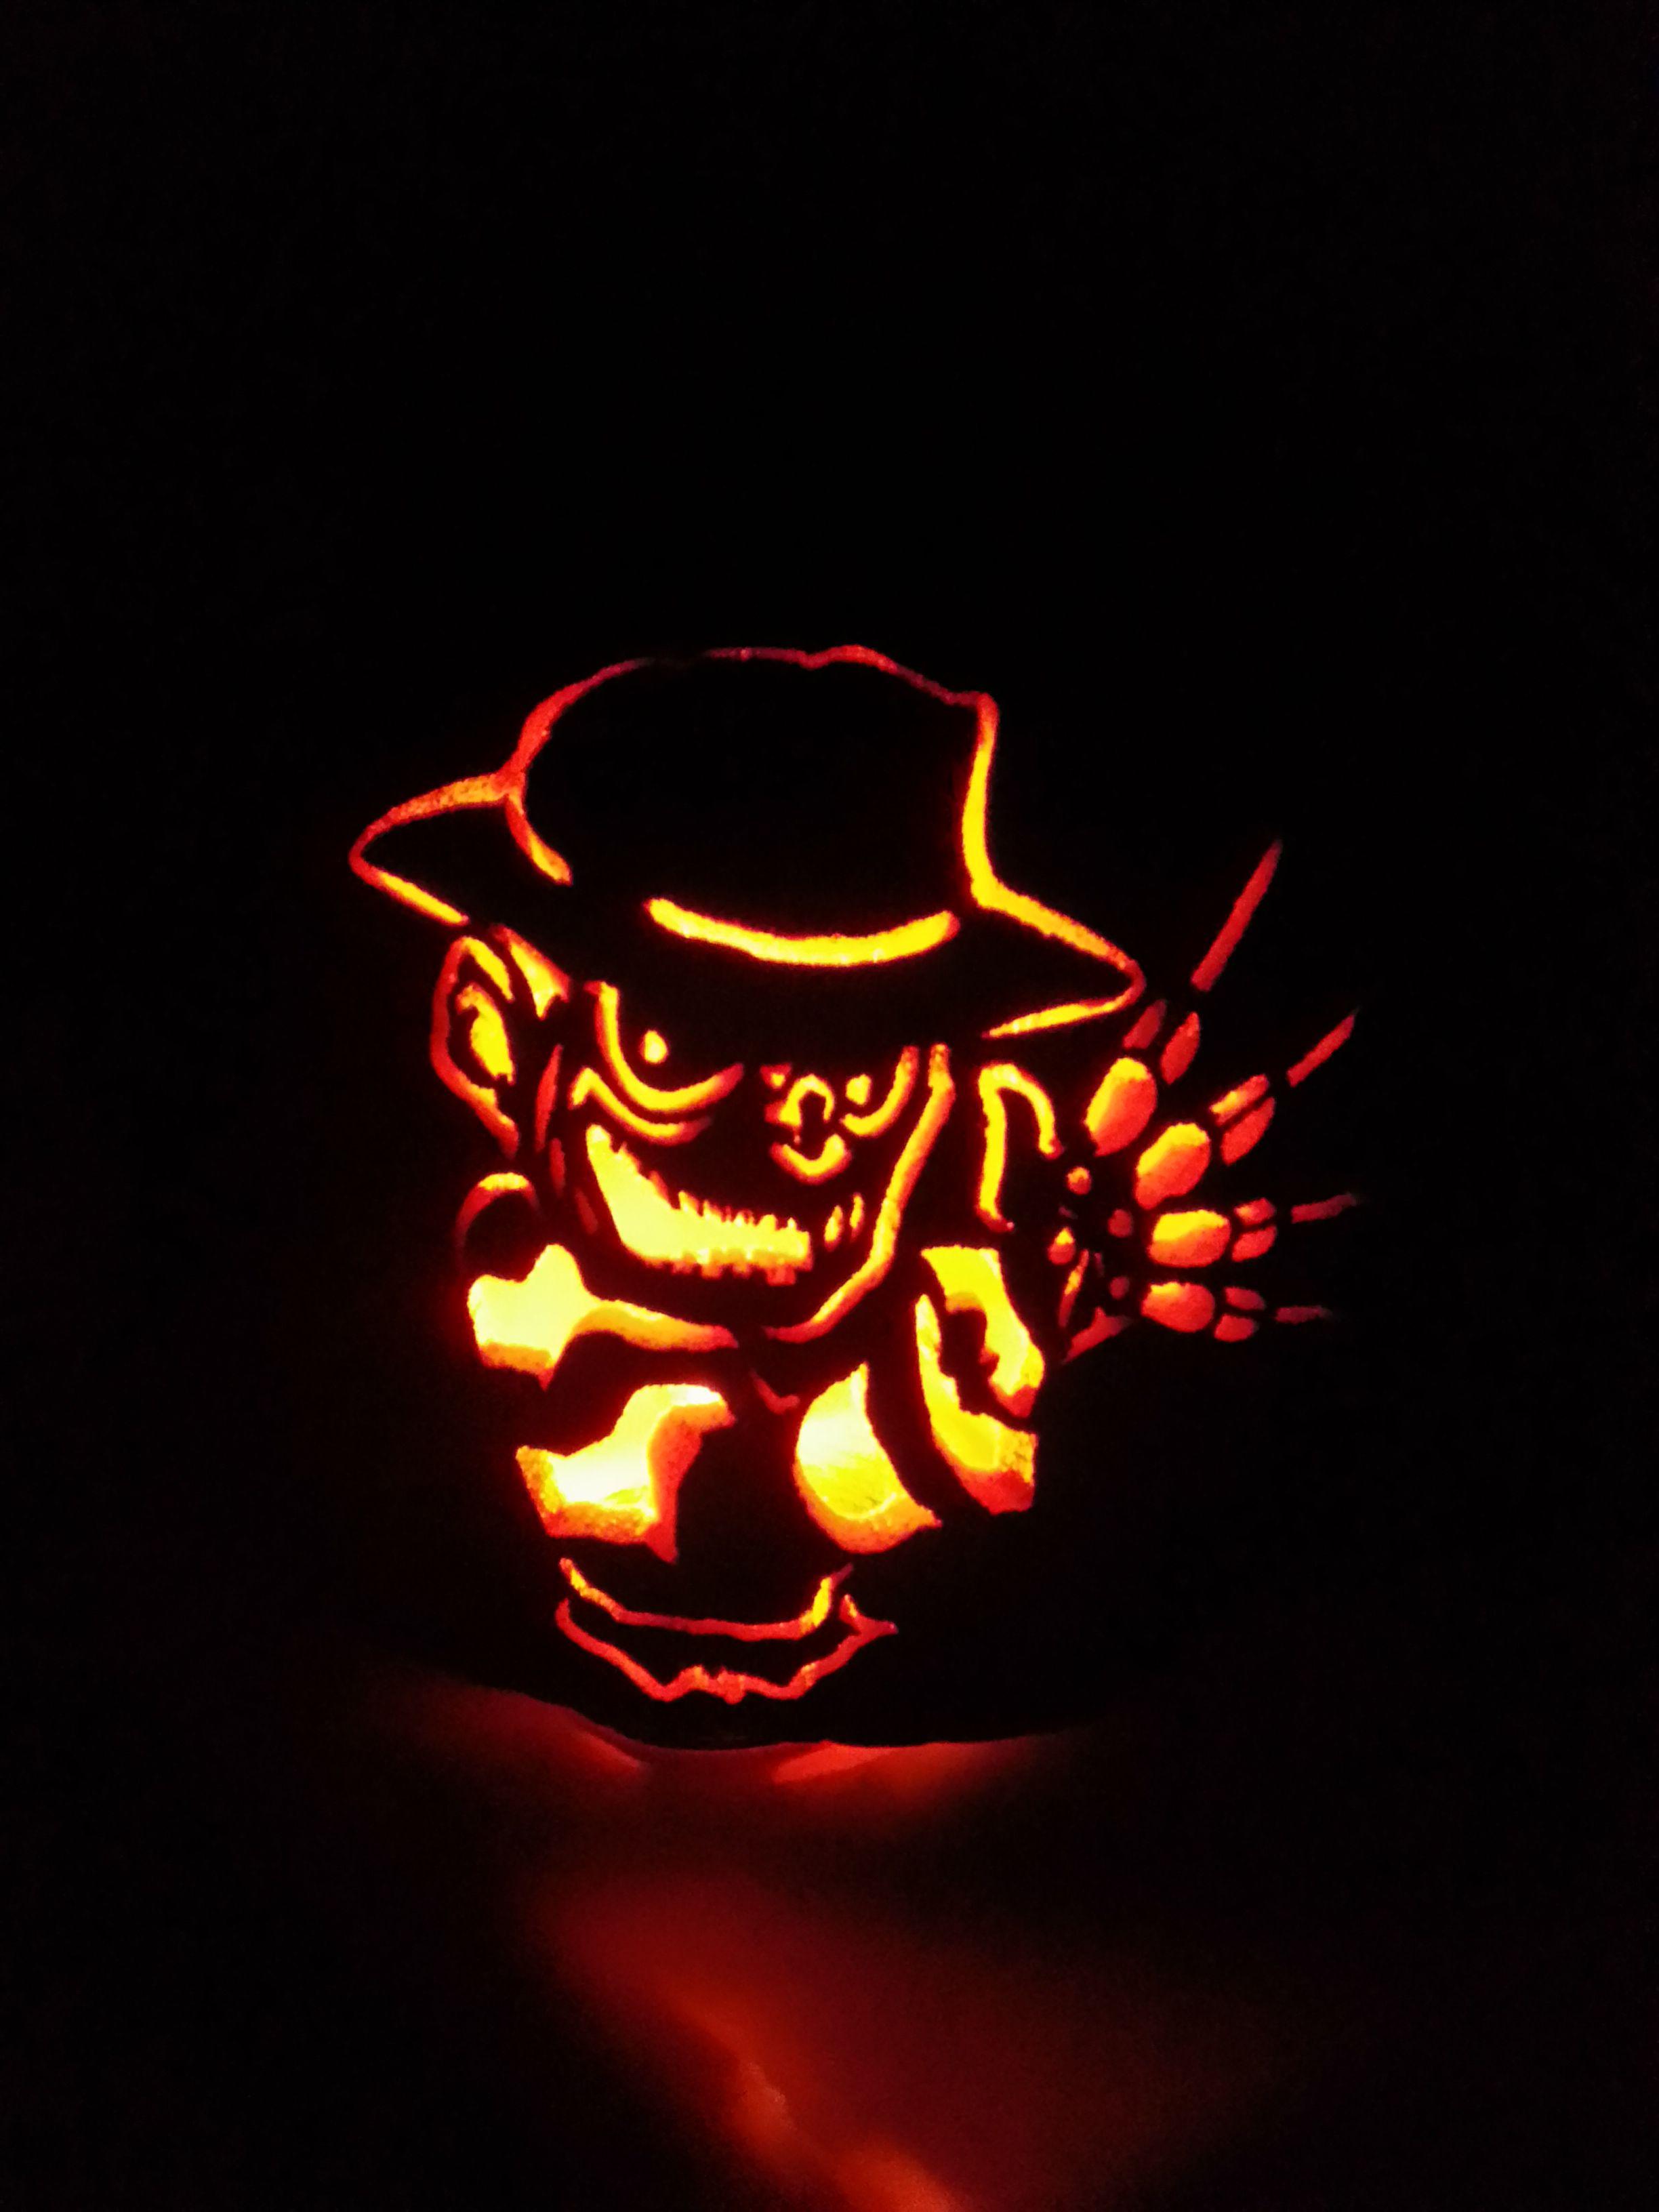 Freddy Krueger Pumpkin Carving Fake Pumpkins Pumpkin Patch